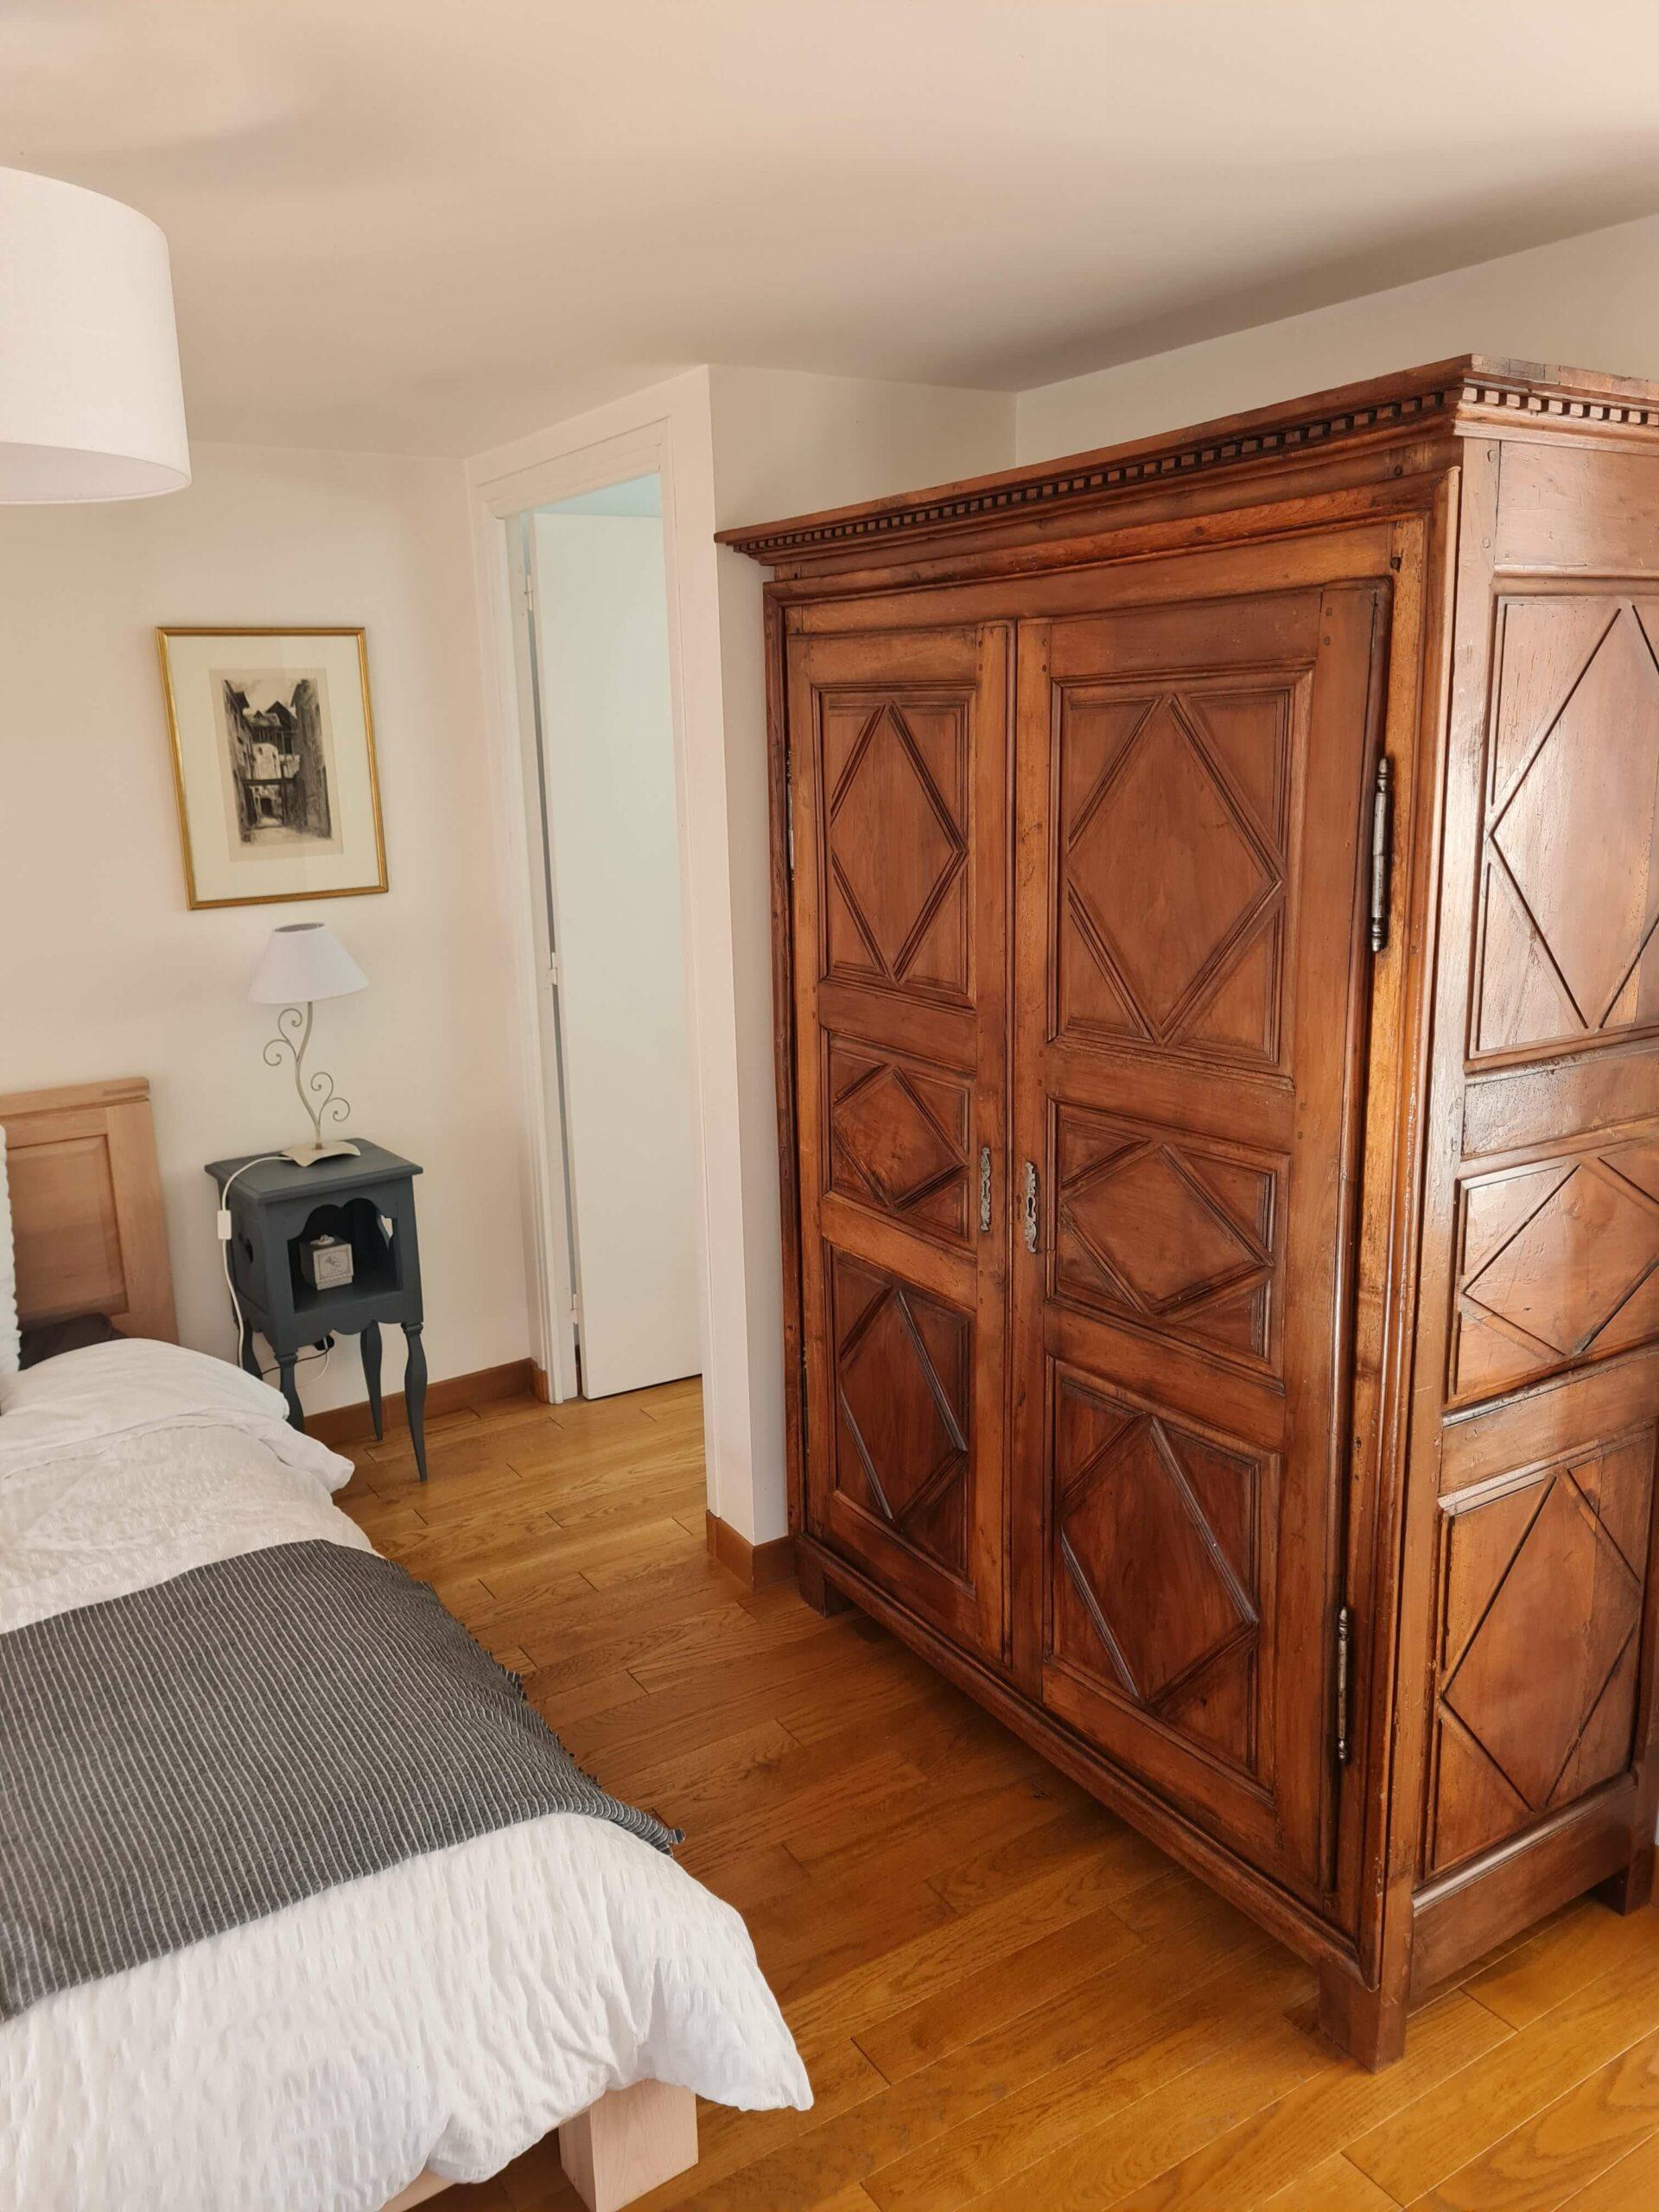 20210213 143840 scaled - Airbnb Tour : visite privée d'une tiny house à Bayeux